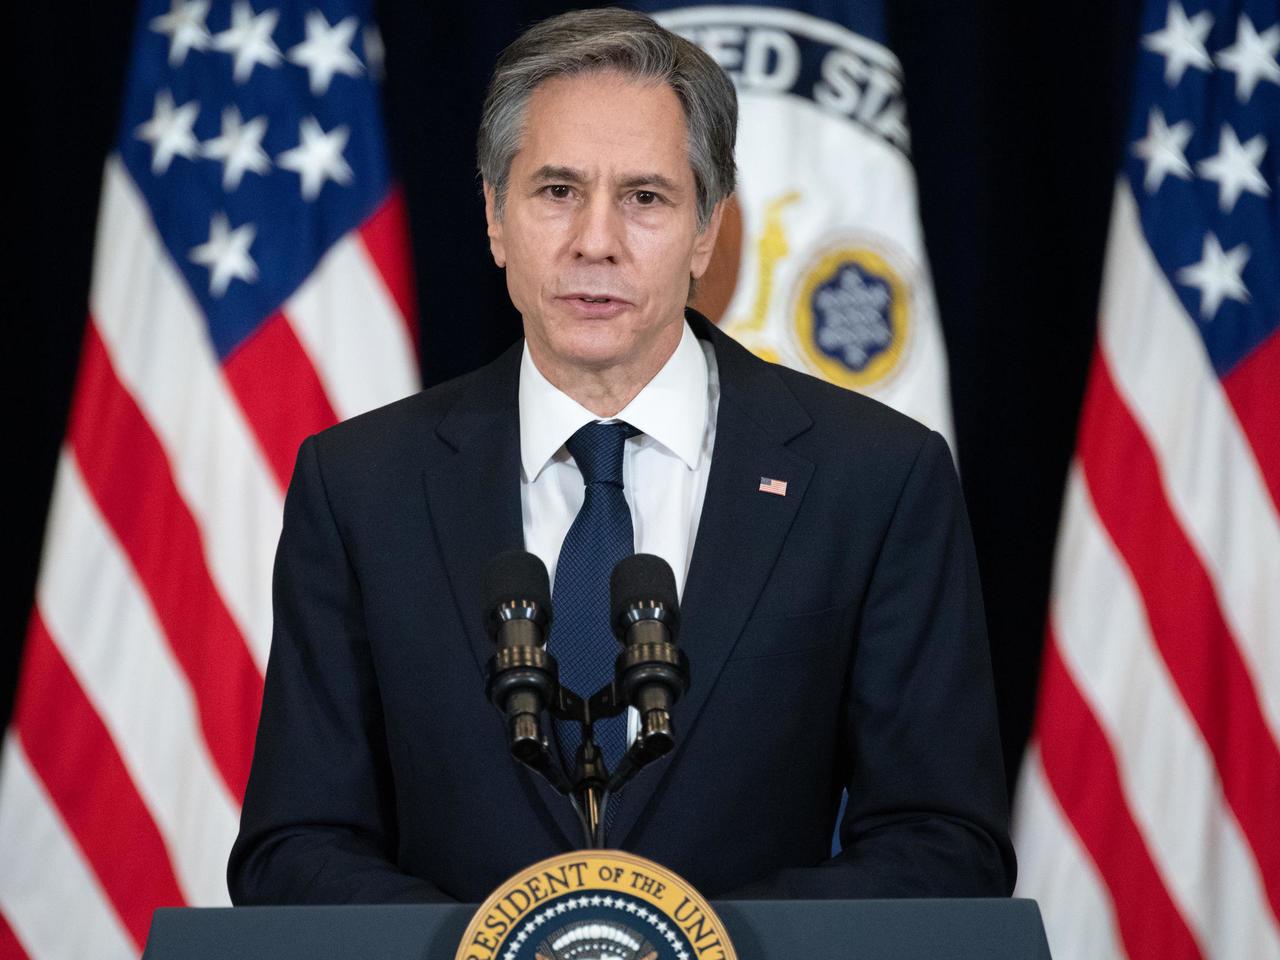 بلينكن واشنطن على وشك التخلي عن الاتفاق حول النووي الإيراني